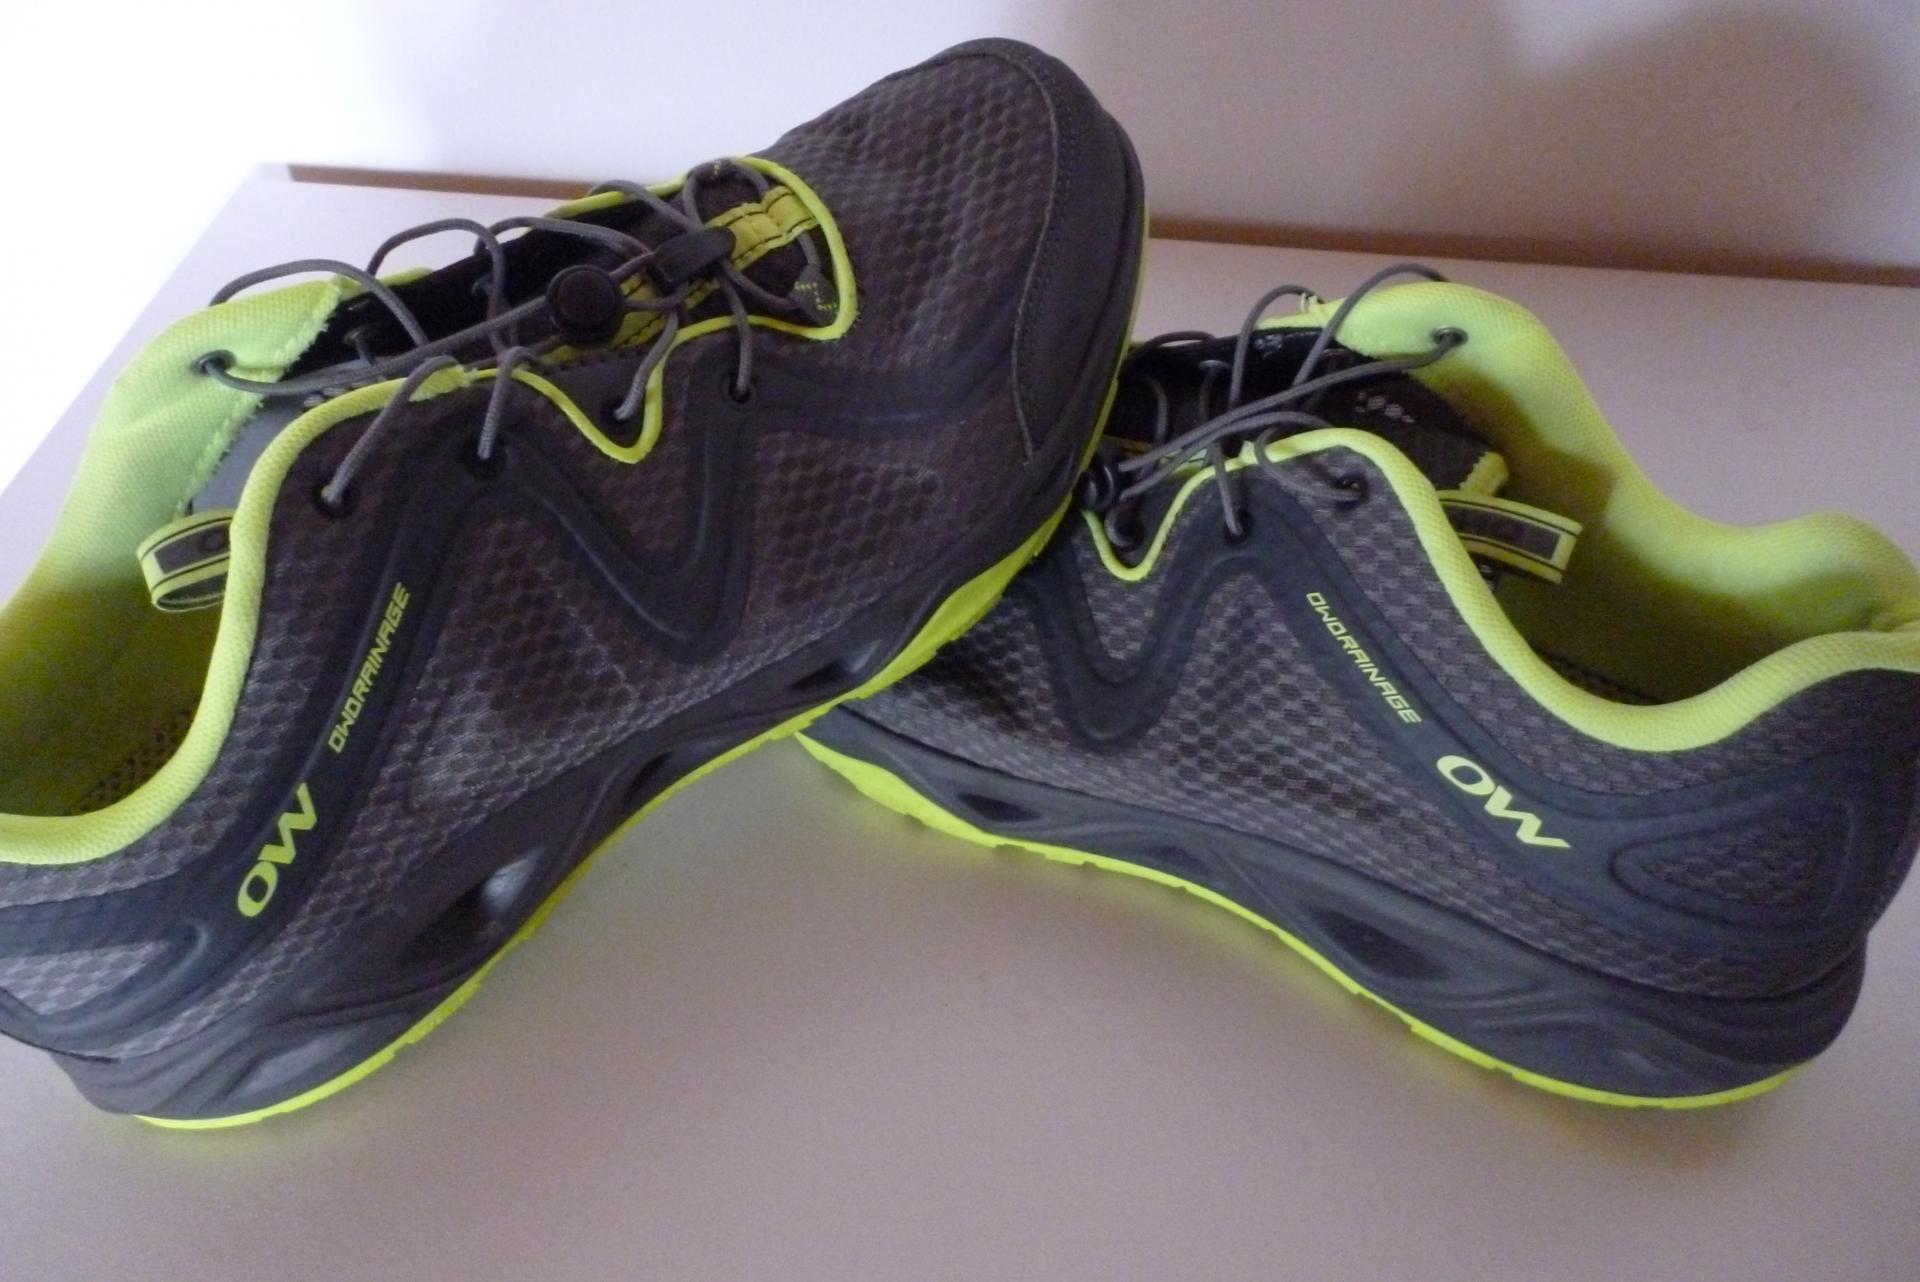 Ow Katusha 2015 ow Sport De Chaussures Drainage EqvpSE